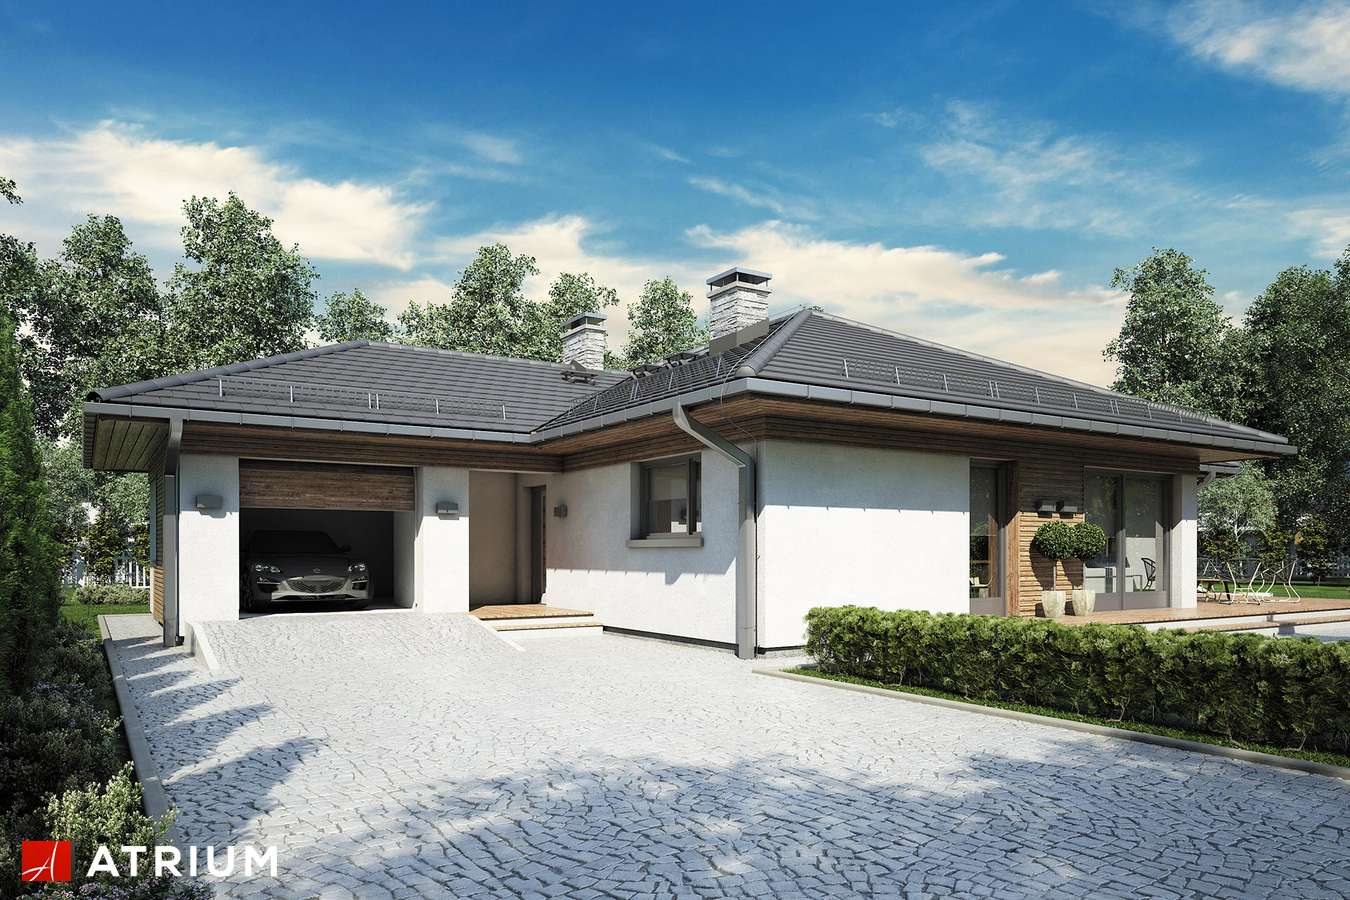 Projekty domów - Projekt domu parterowego MERIDA II - wizualizacja 1 - wersja lustrzana